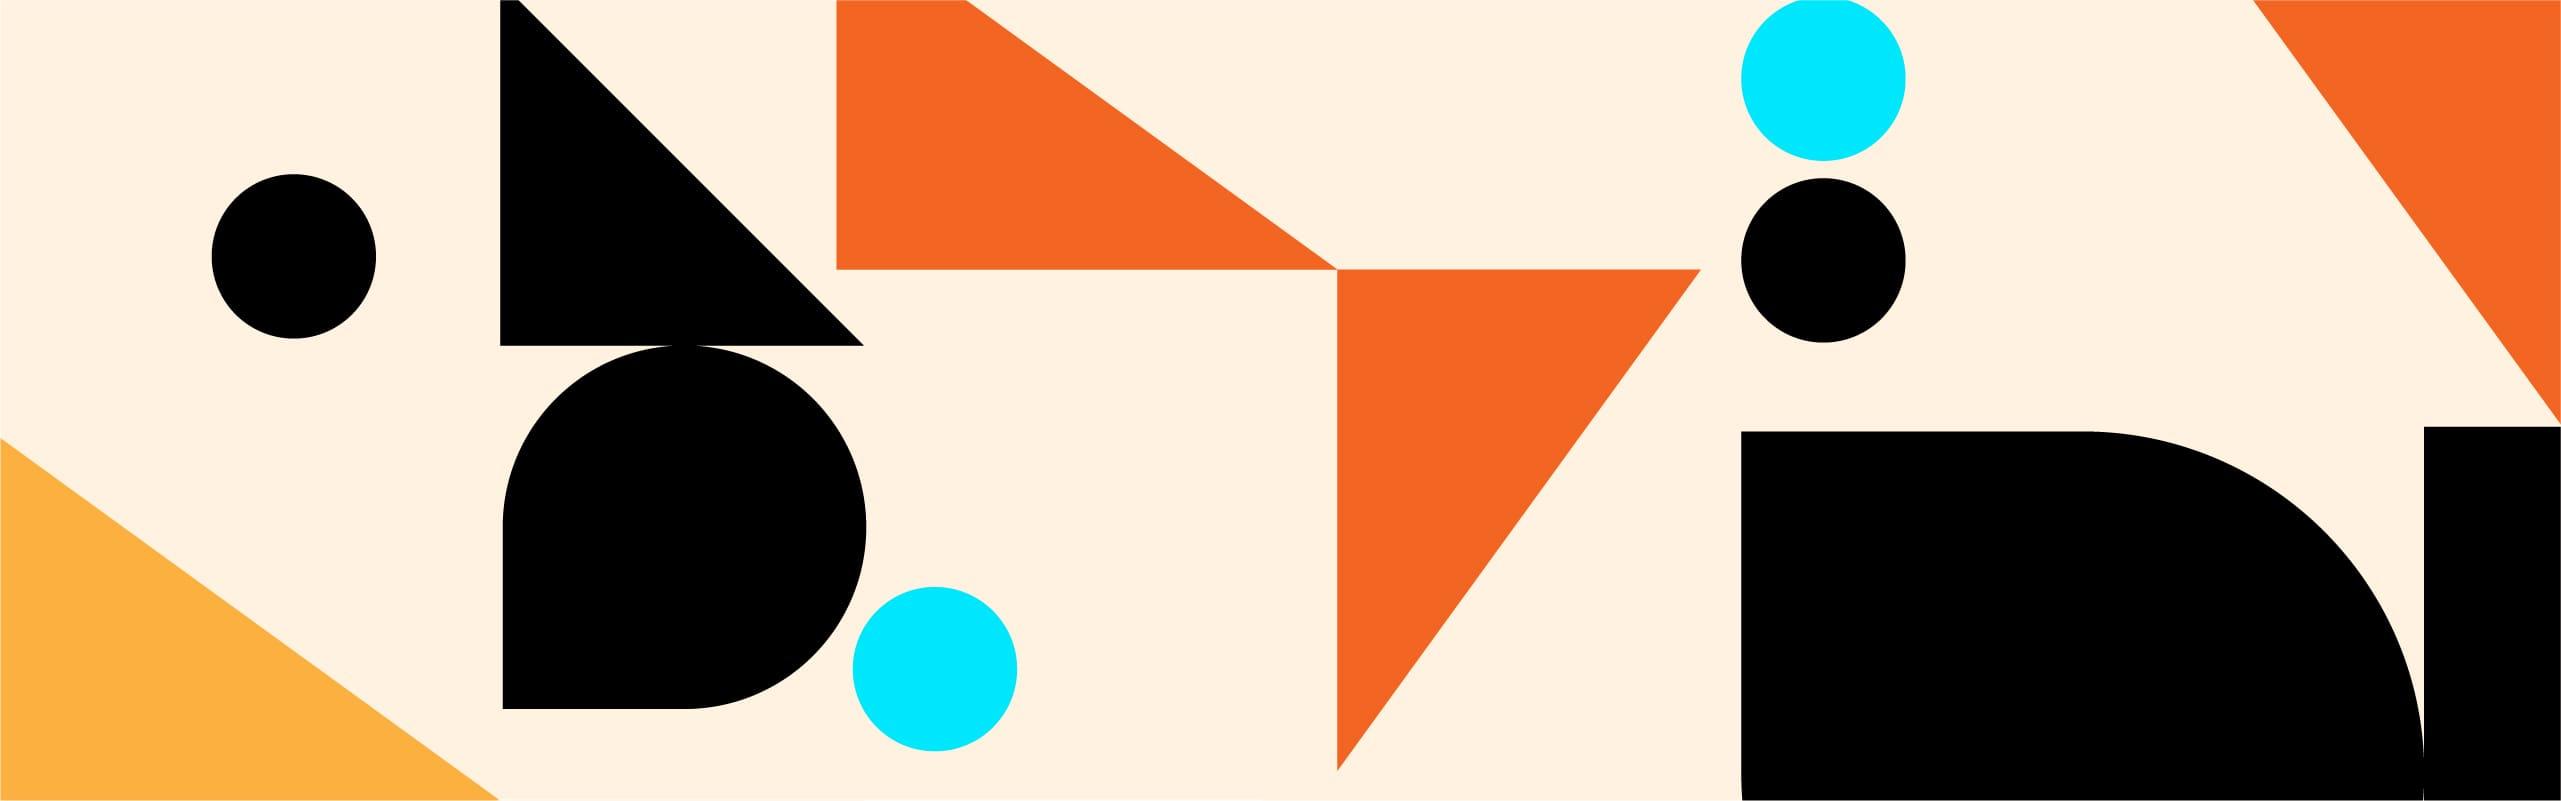 عناصر التصميم التصميم الجرافيكي بيانات